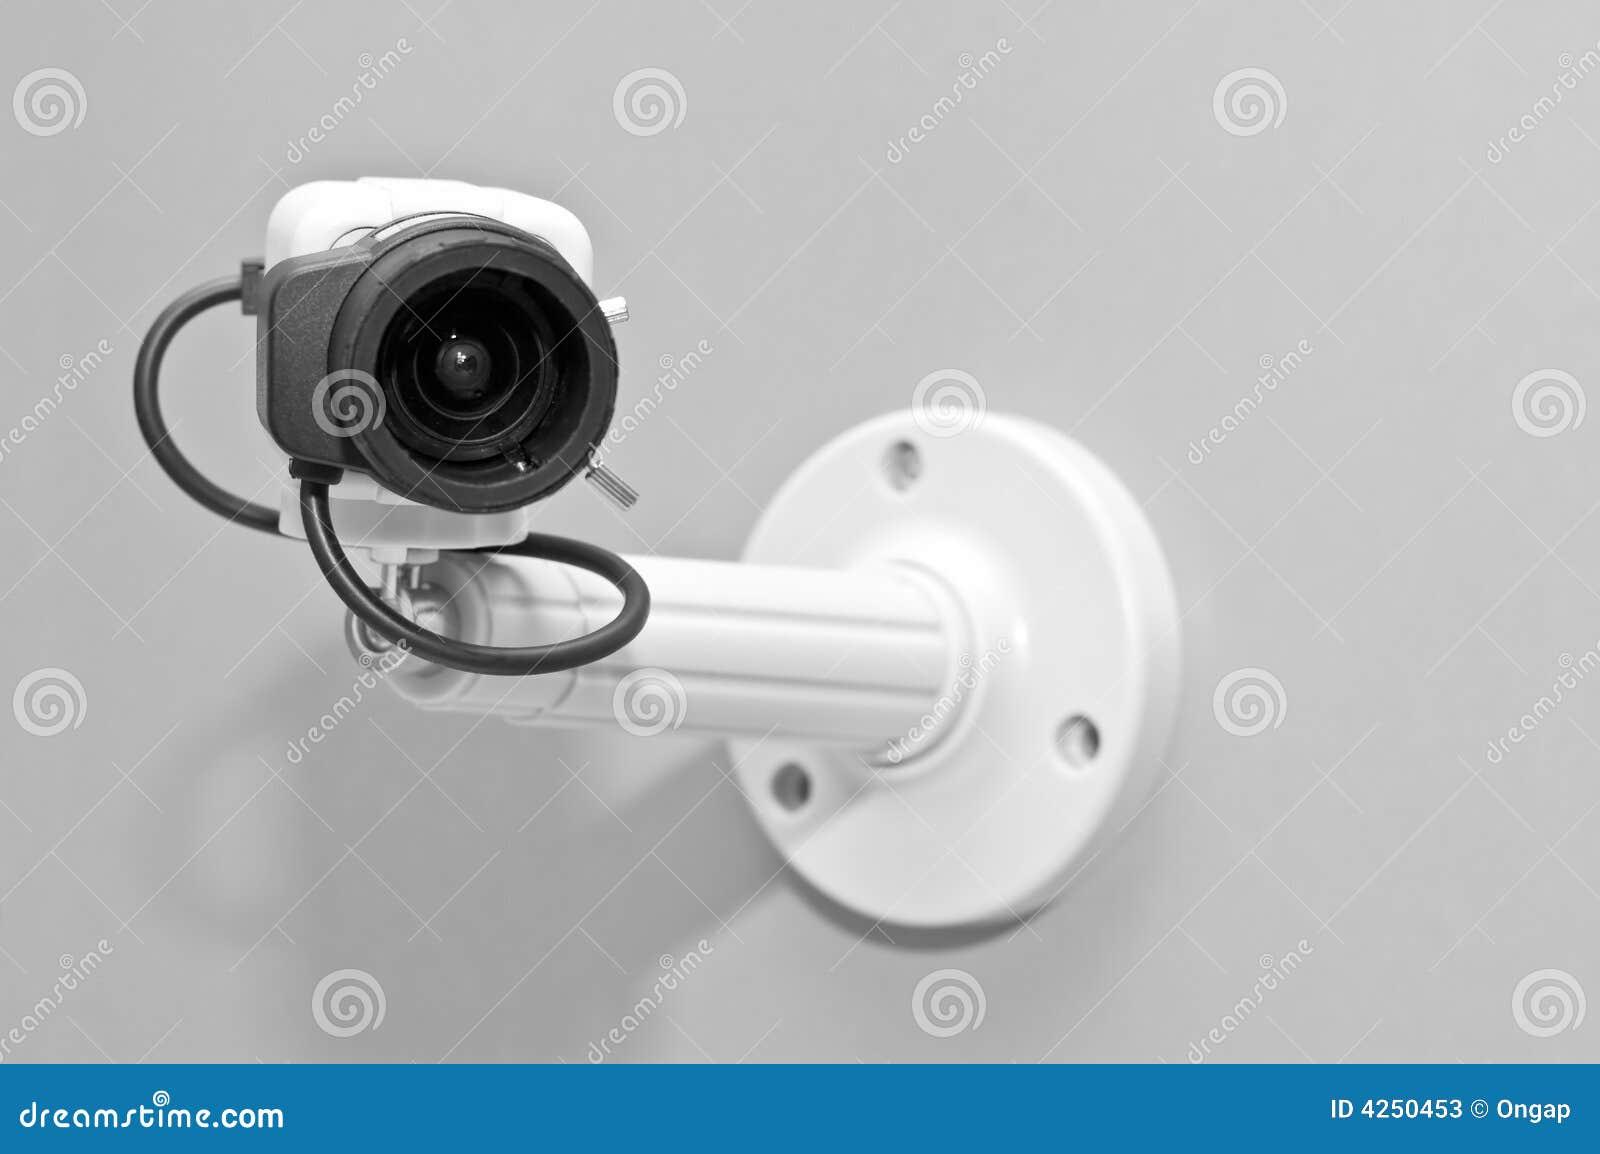 Cctv camera essay